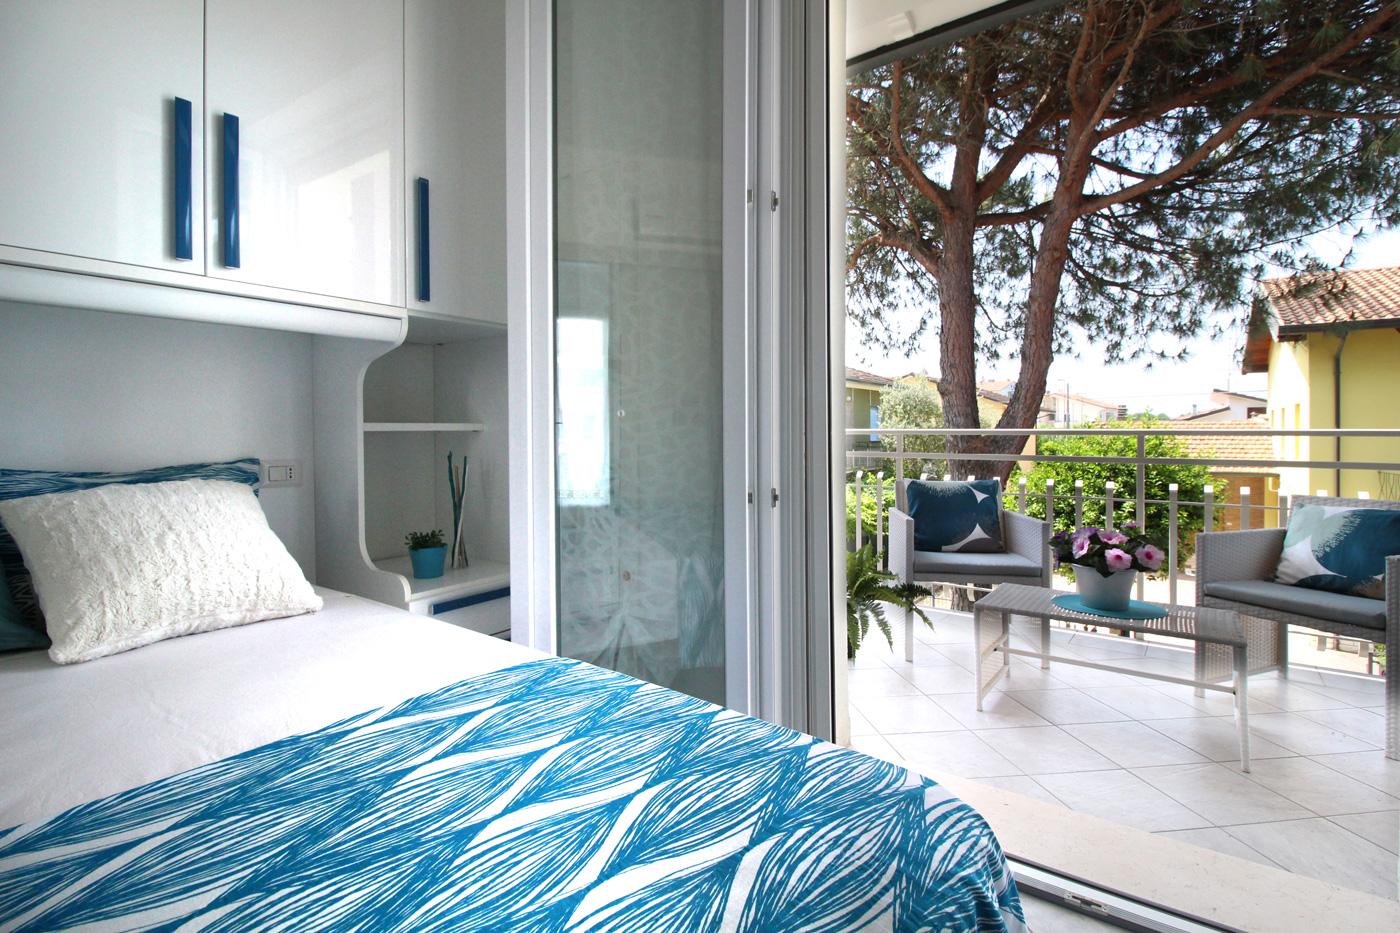 Appartamento sabrina romagna case vacanze-IMG_8793_2